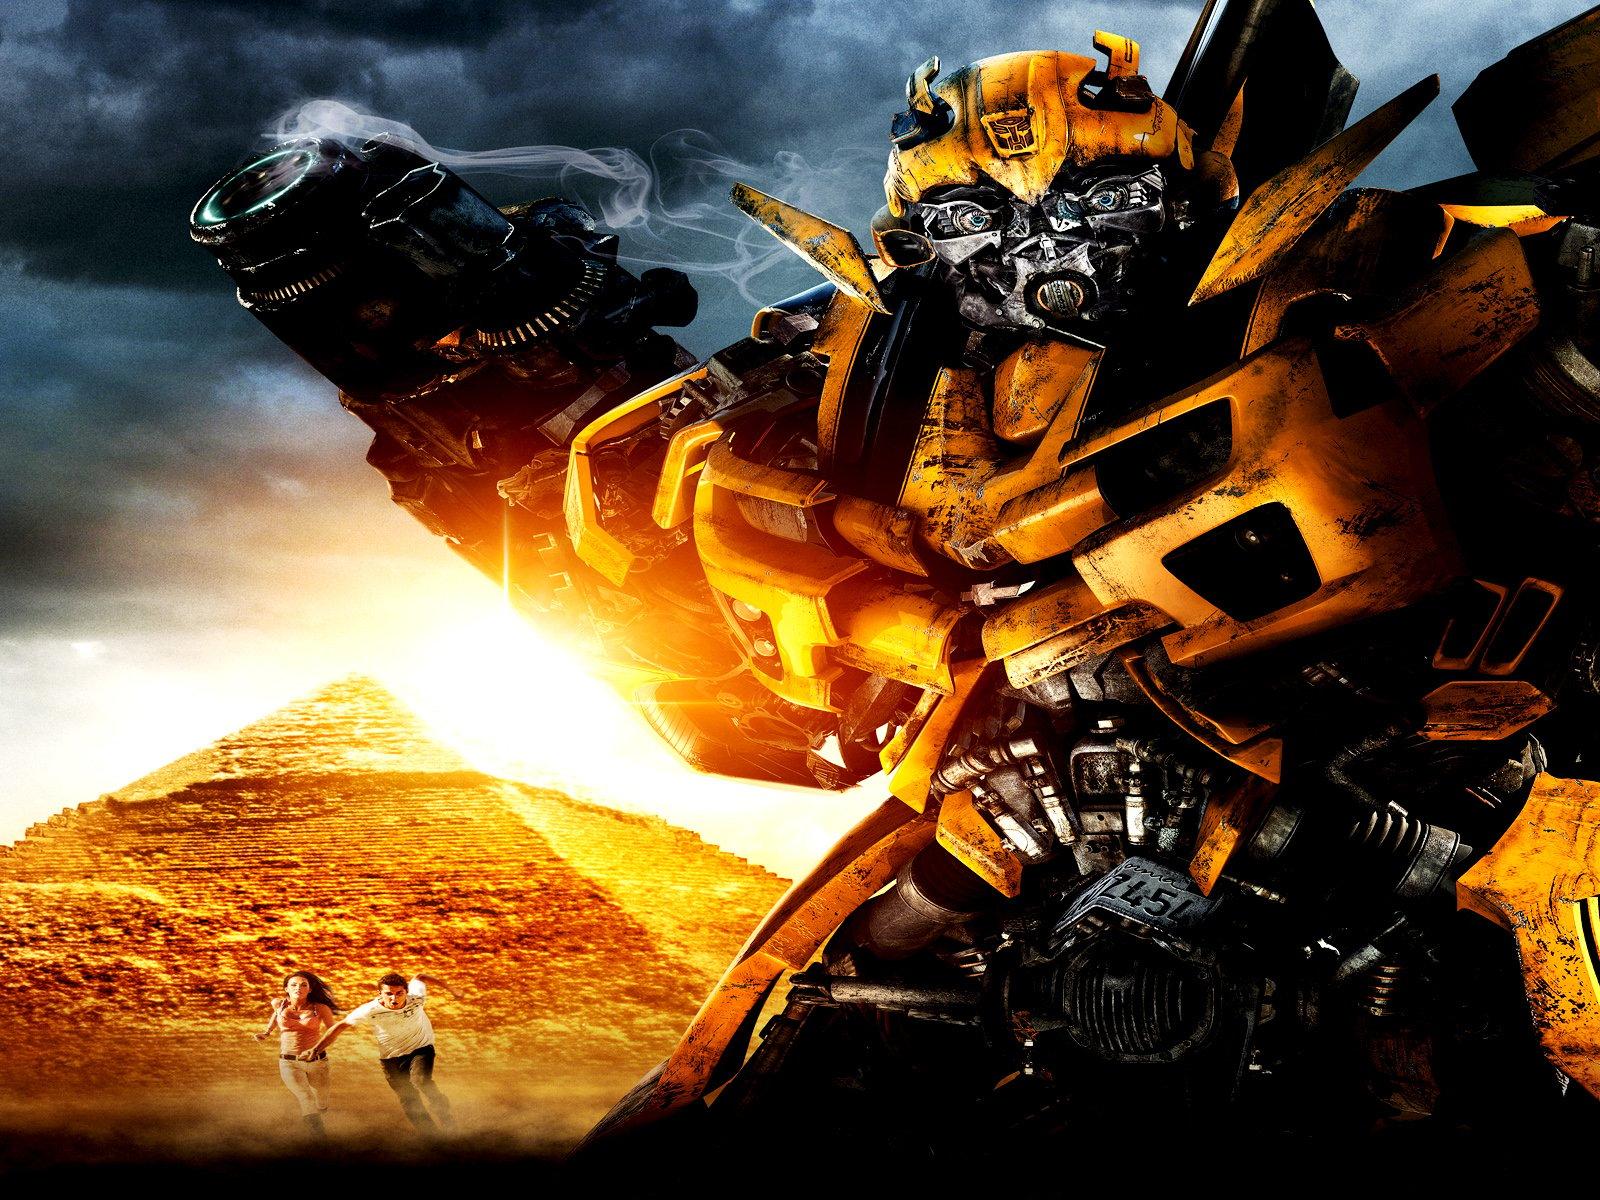 Bumblebee Transformers HD Wallpapers Desktop Wallpapers 1600x1200